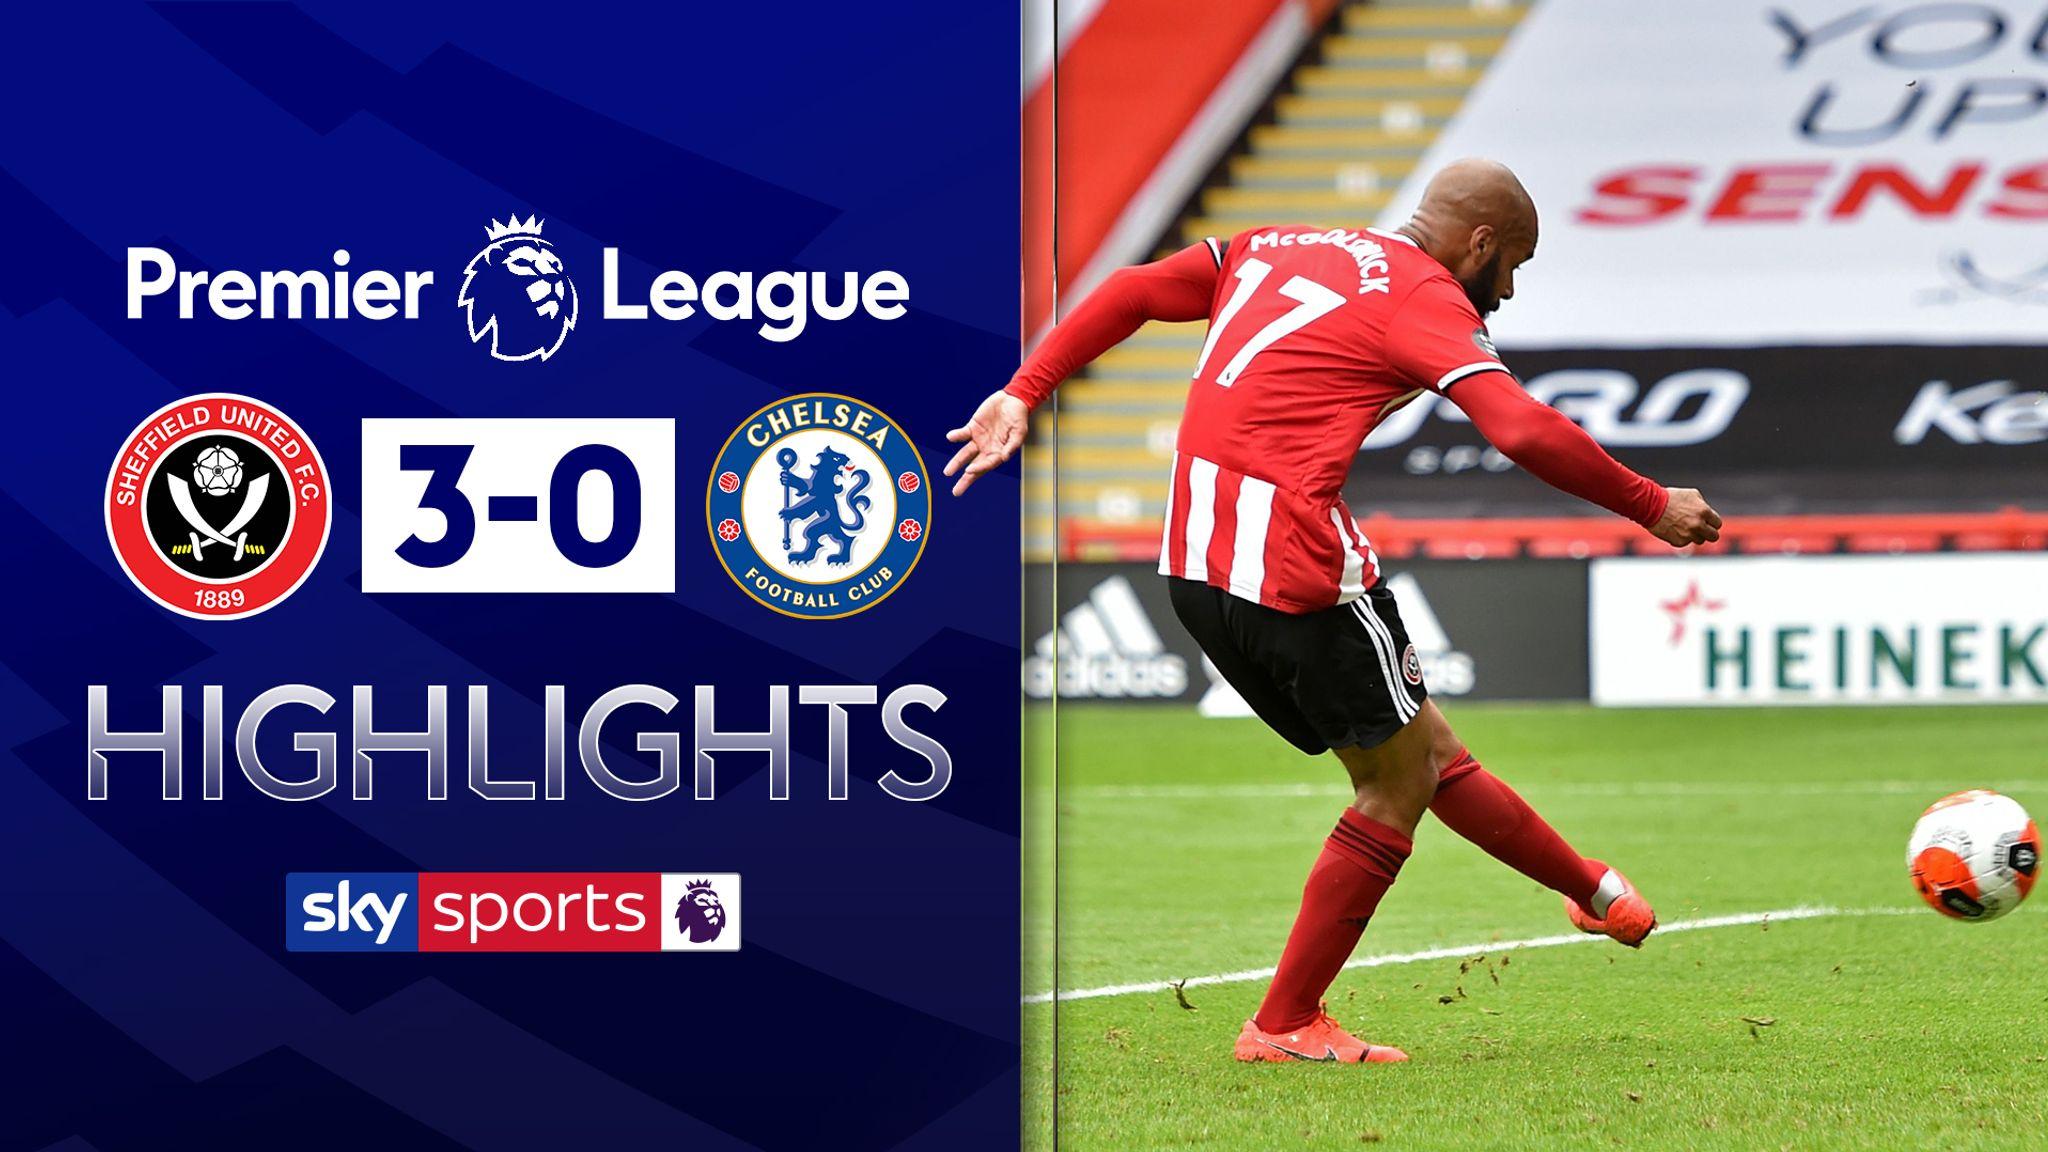 Sheffield United v Chelsea highlights